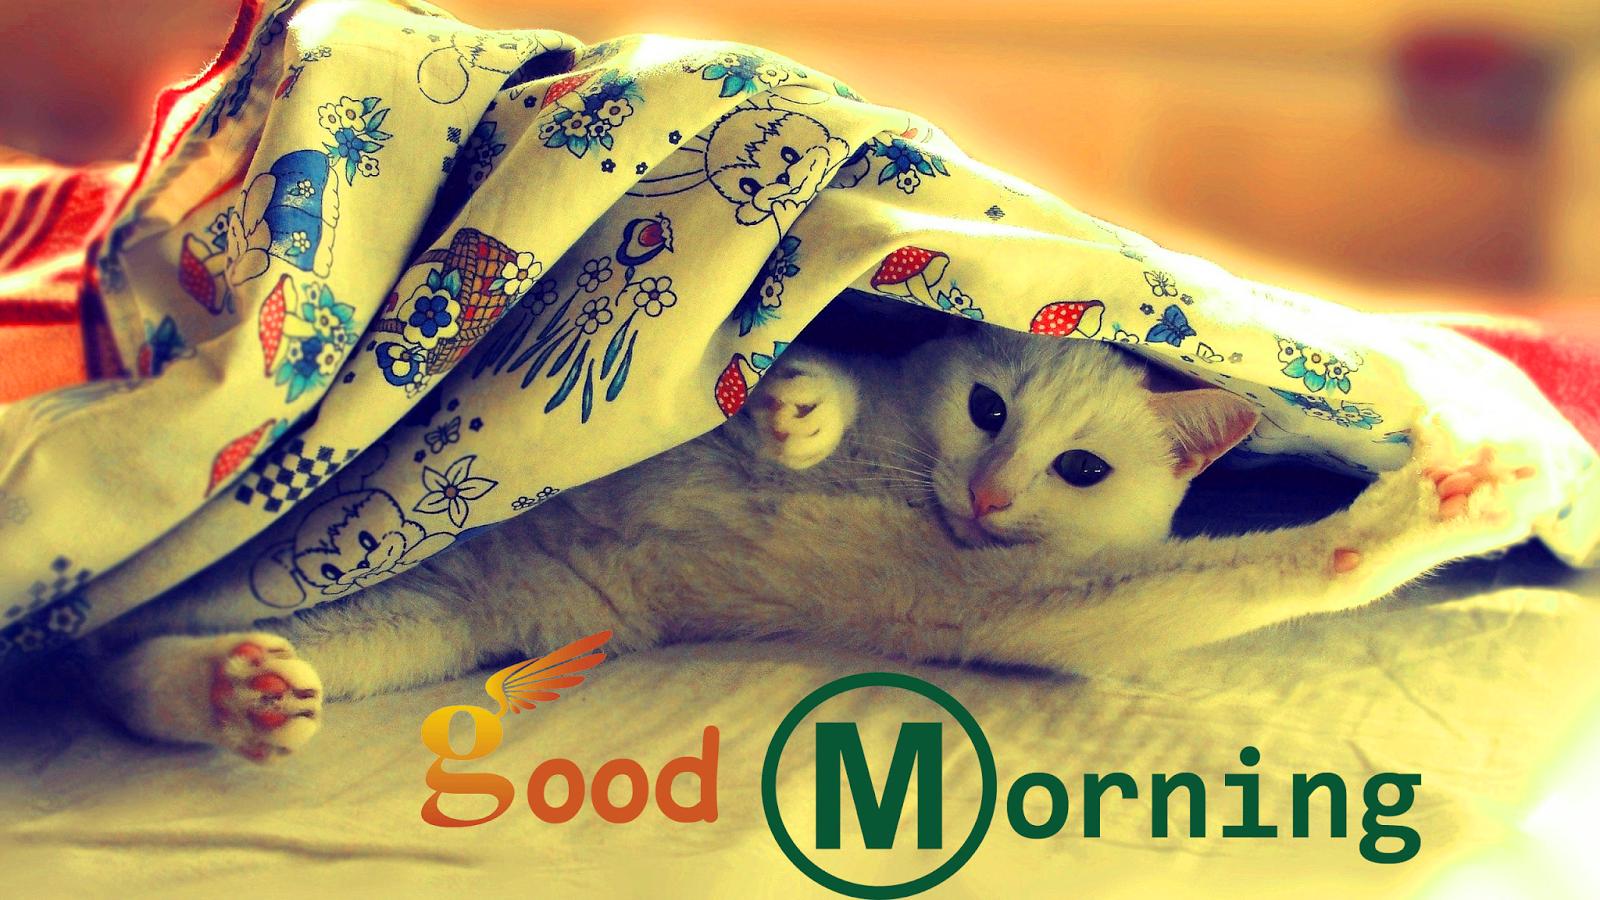 Hd wallpaper good morning - Good Morning Cat Hd Wallpaper